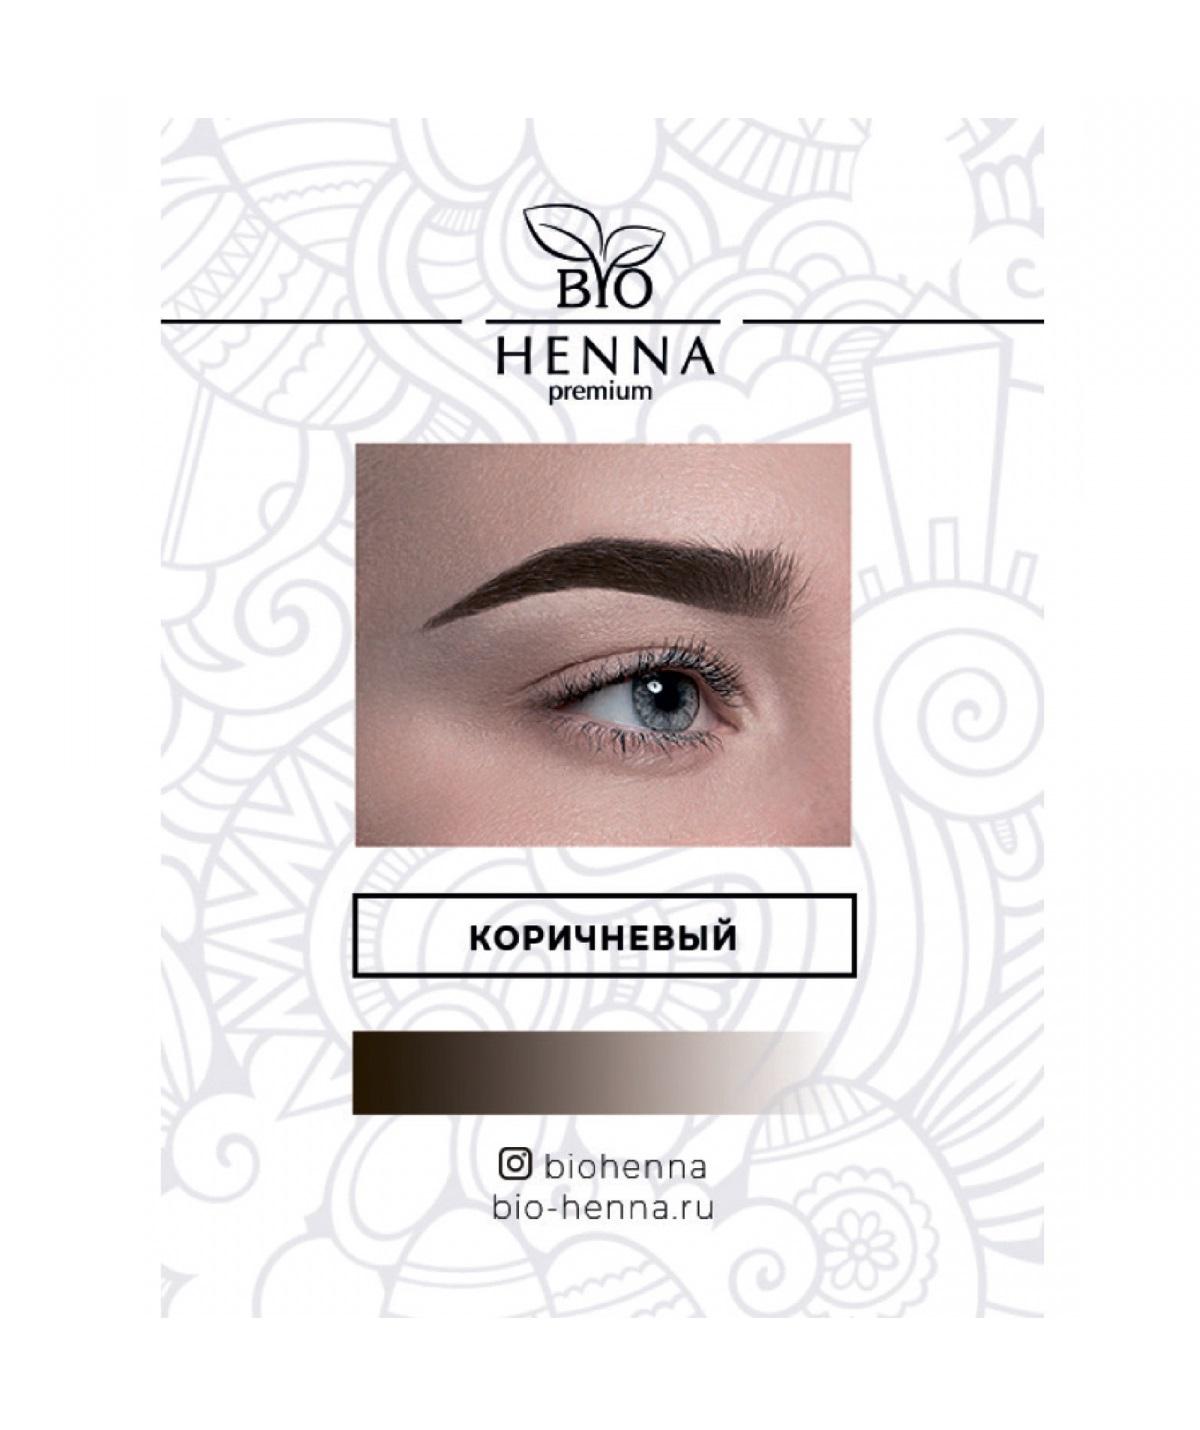 Купить BIO HENNA PREMIUM Хна для бровей в капсулах, коричневая 1 шт